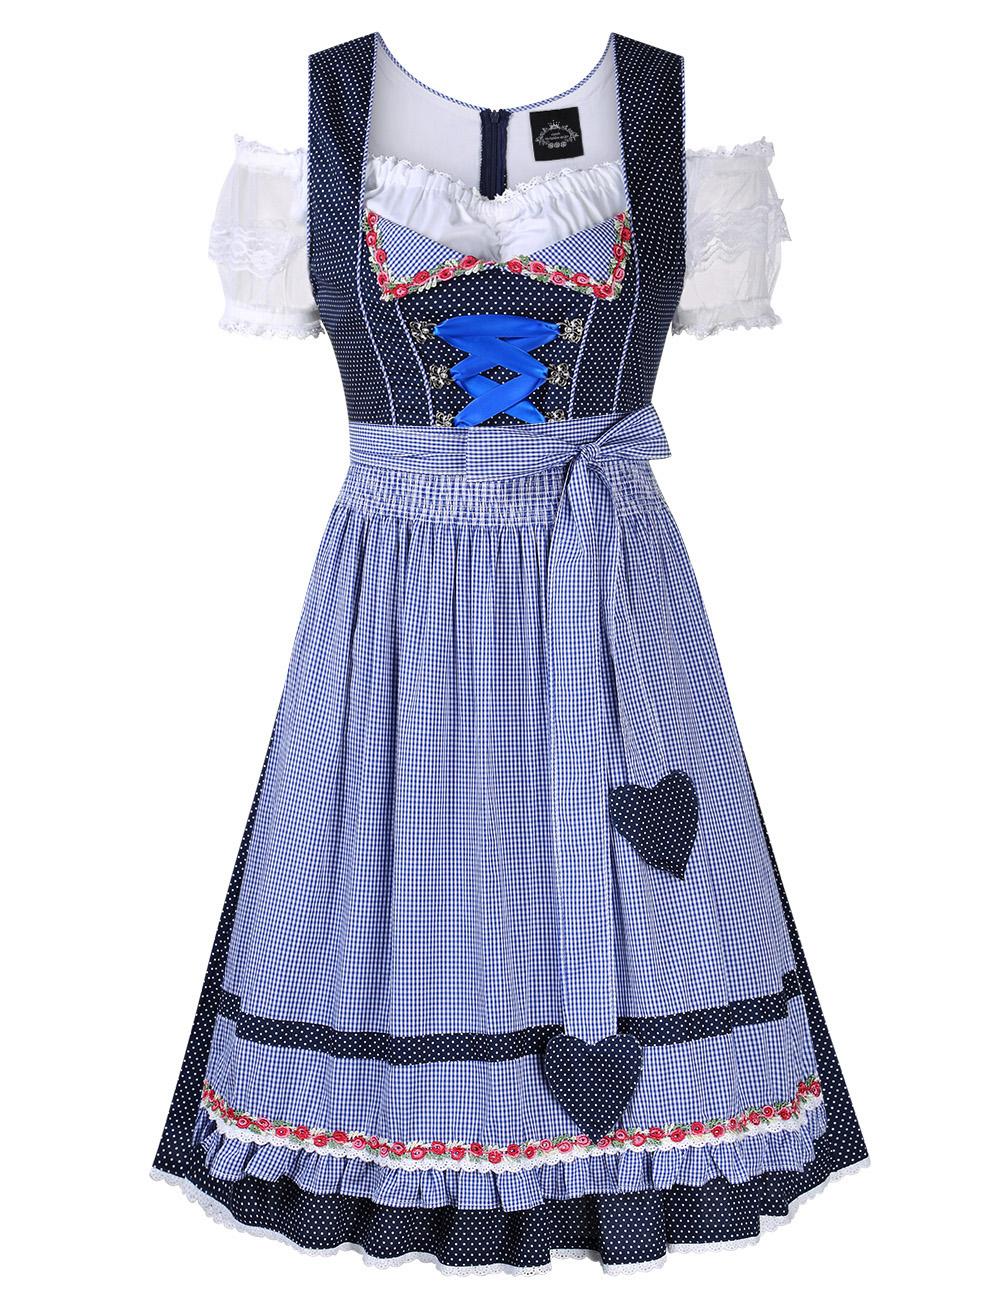 Women's Oktoberfest Lace Short Sleeve Dress Suit Dot Plaid Stitching  Cold Shoulder Party Dress